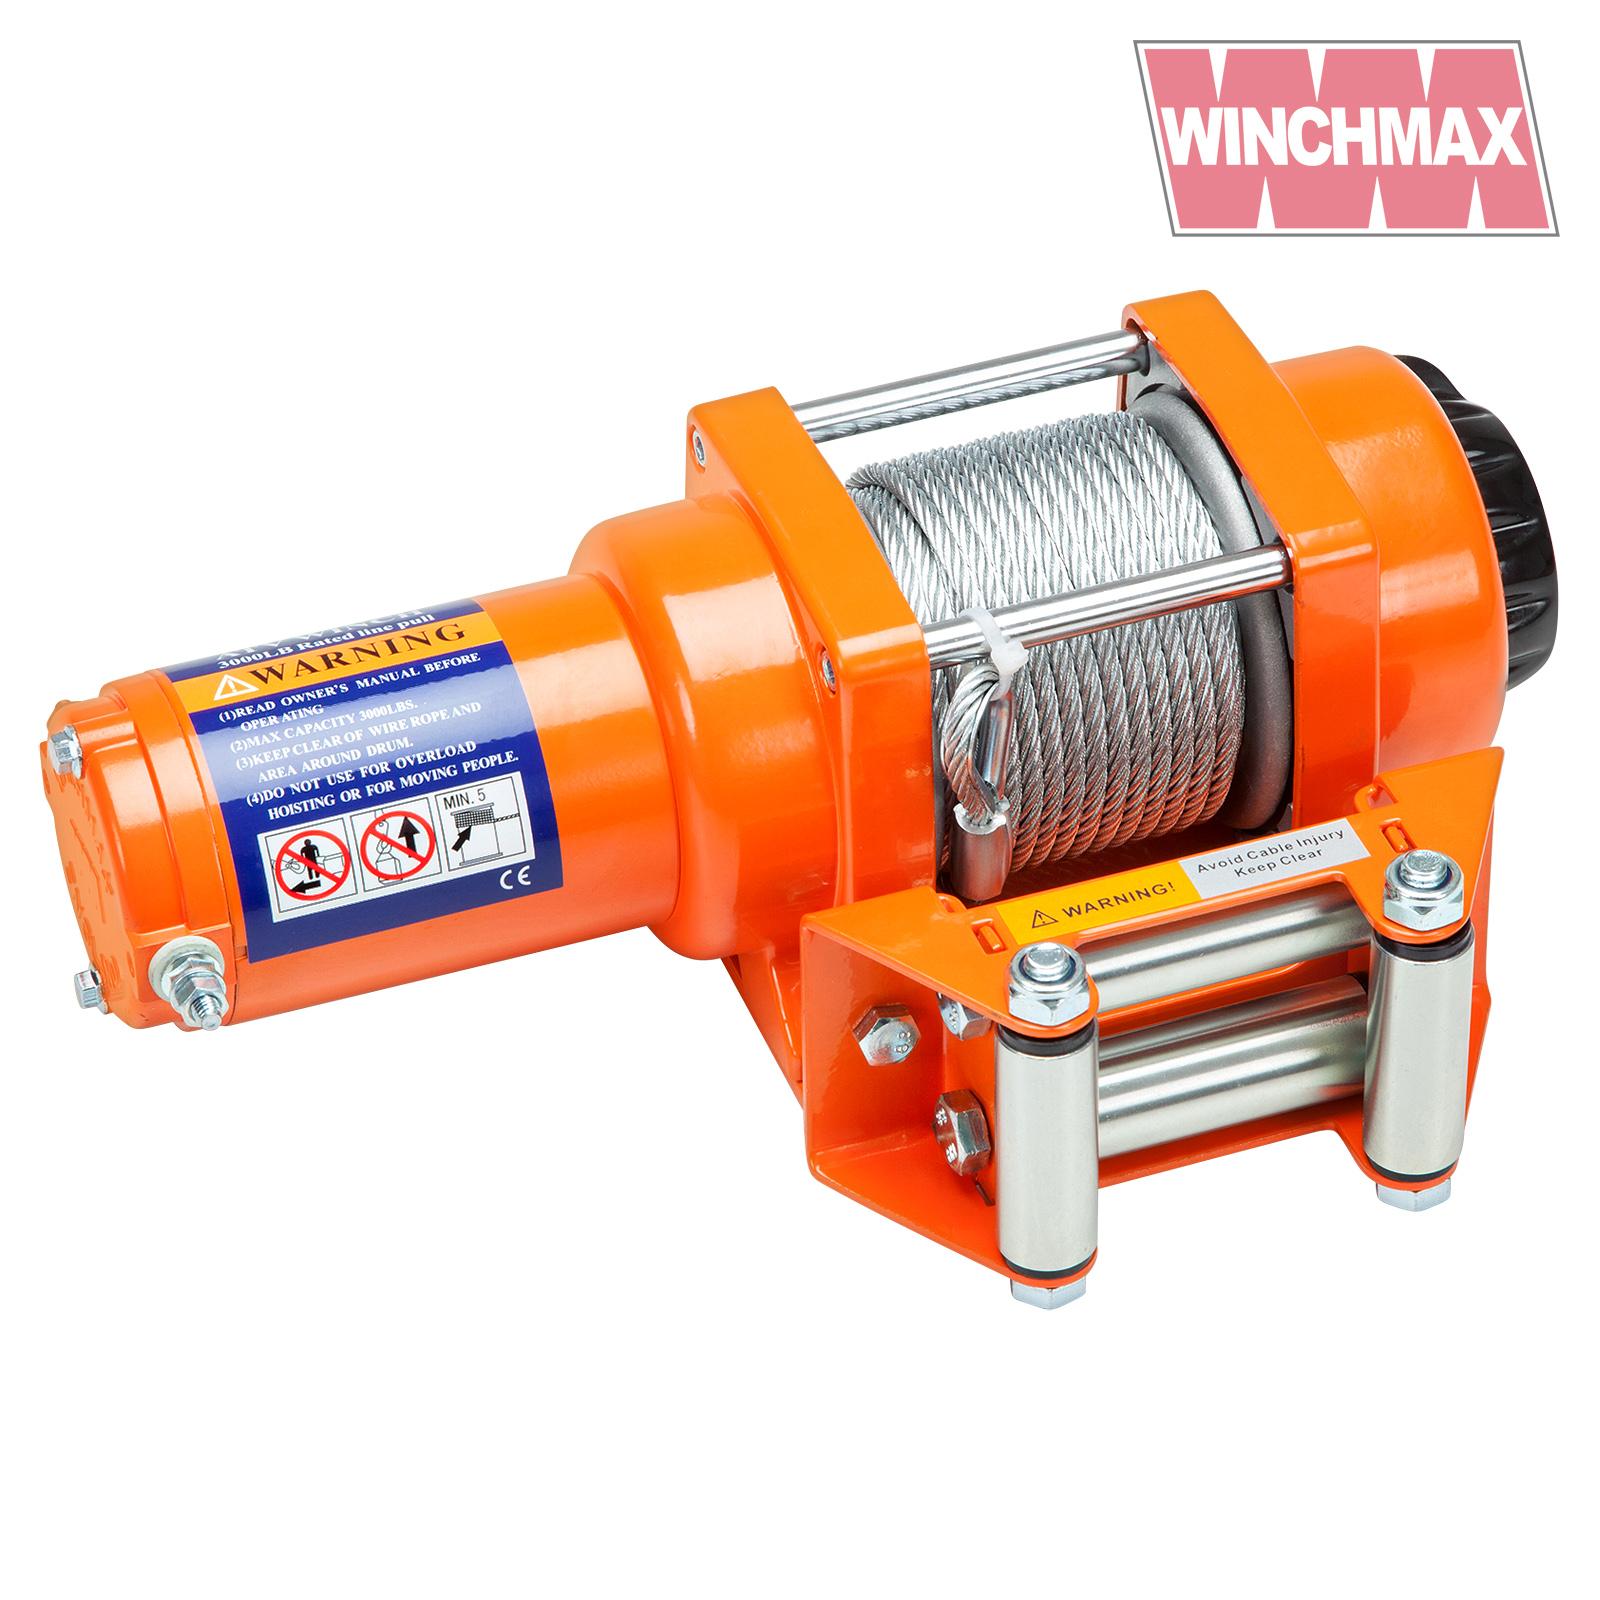 Wm300012vr winchmax 277